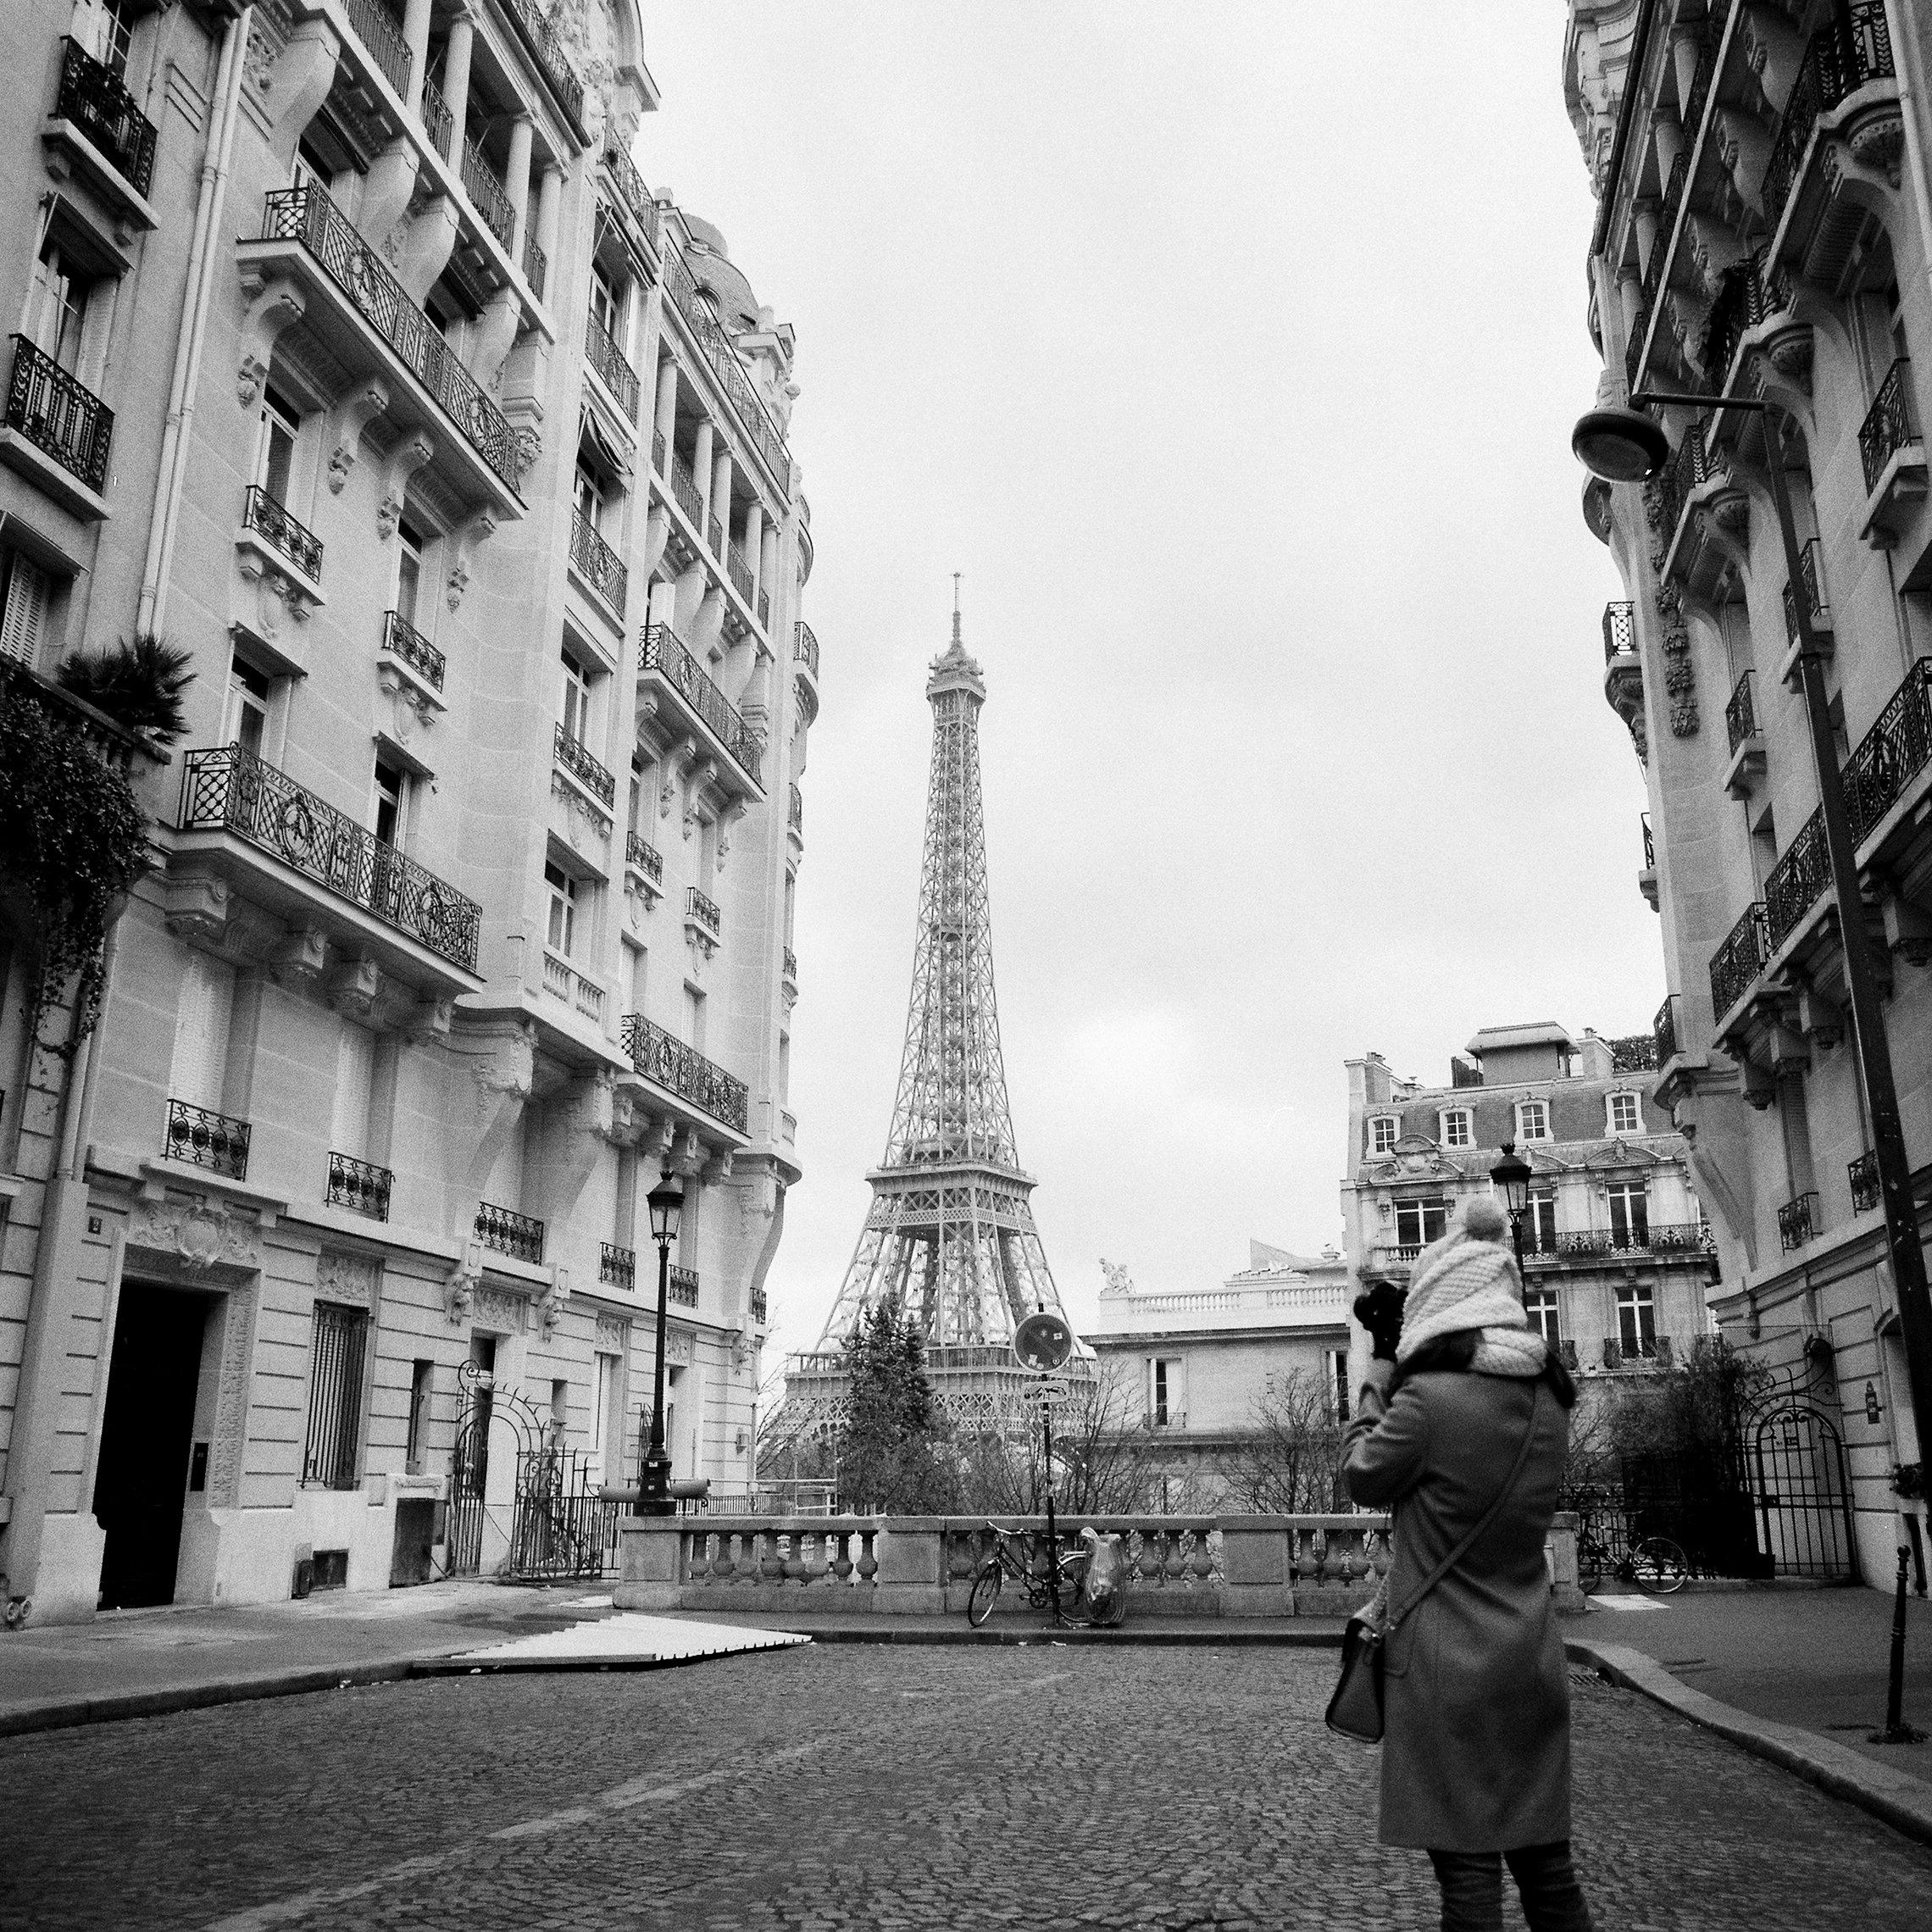 Paris-photographed-on-vintage-Hasselblad-film-camera .jpg